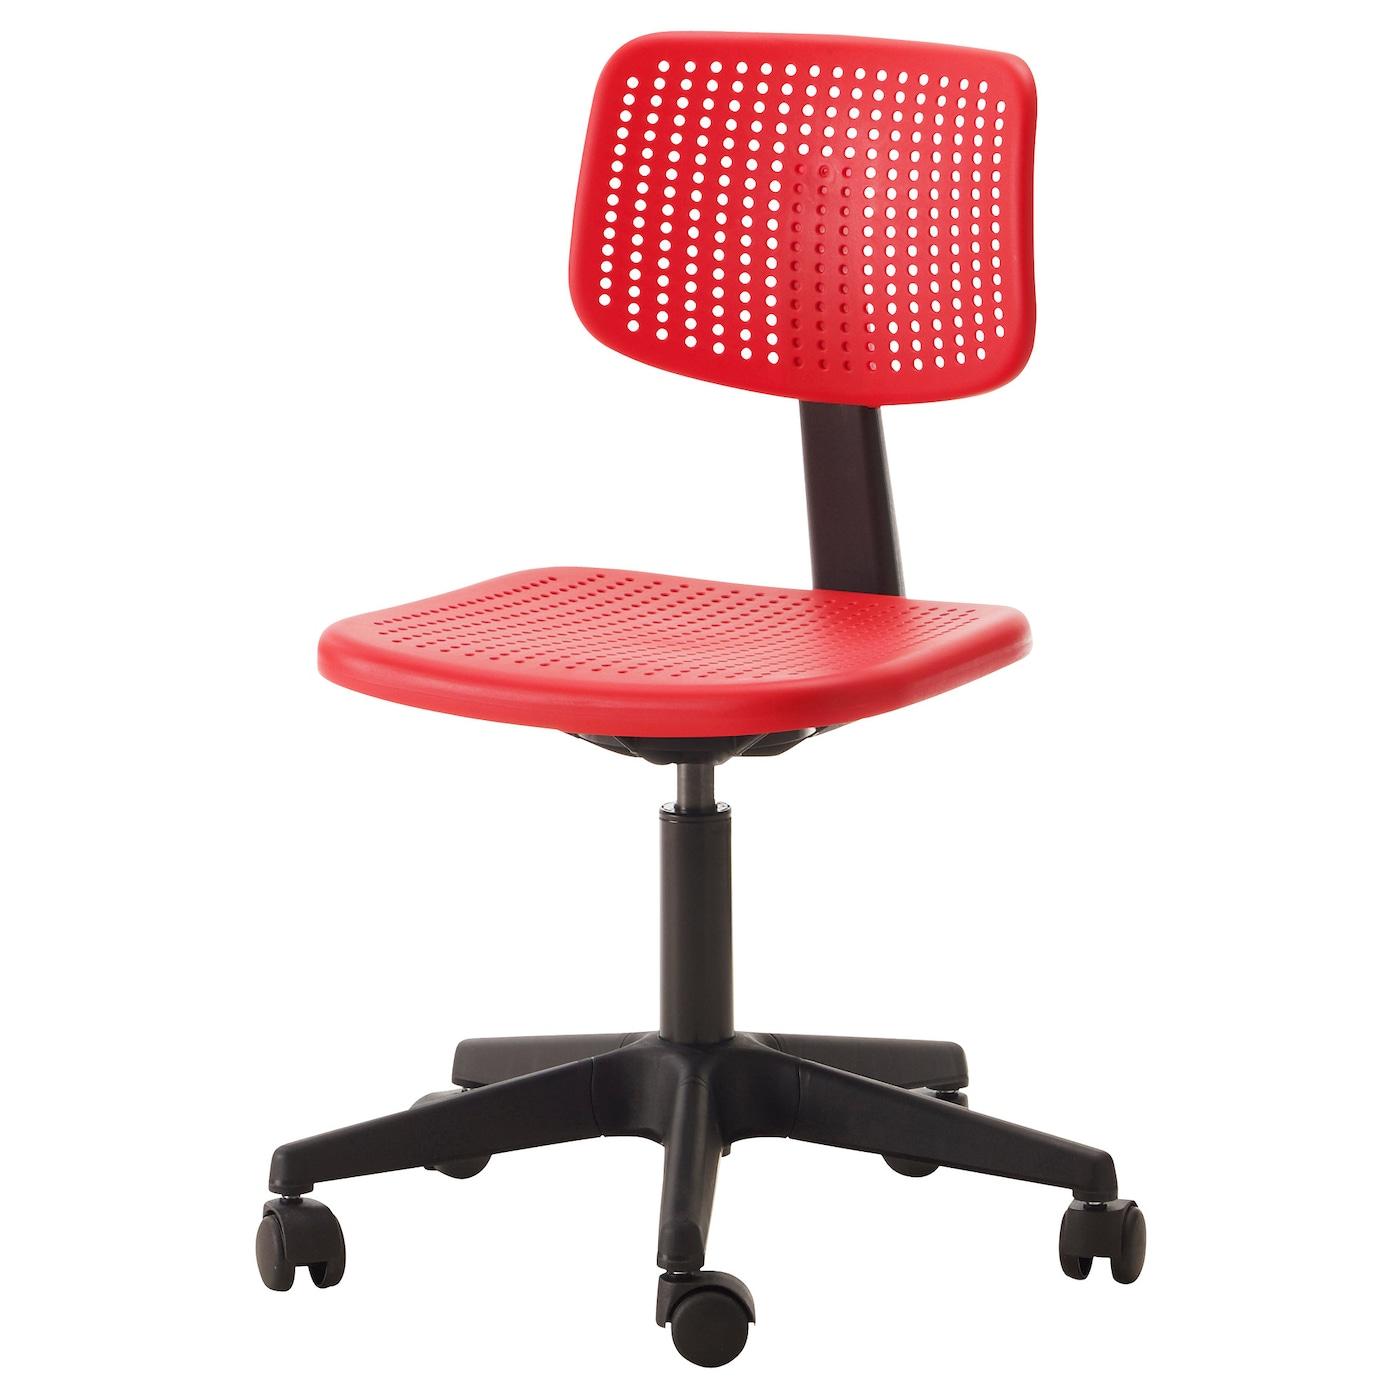 Bureaustoel Met Verstelbare Rugleuning.Bureaustoelen Ikea